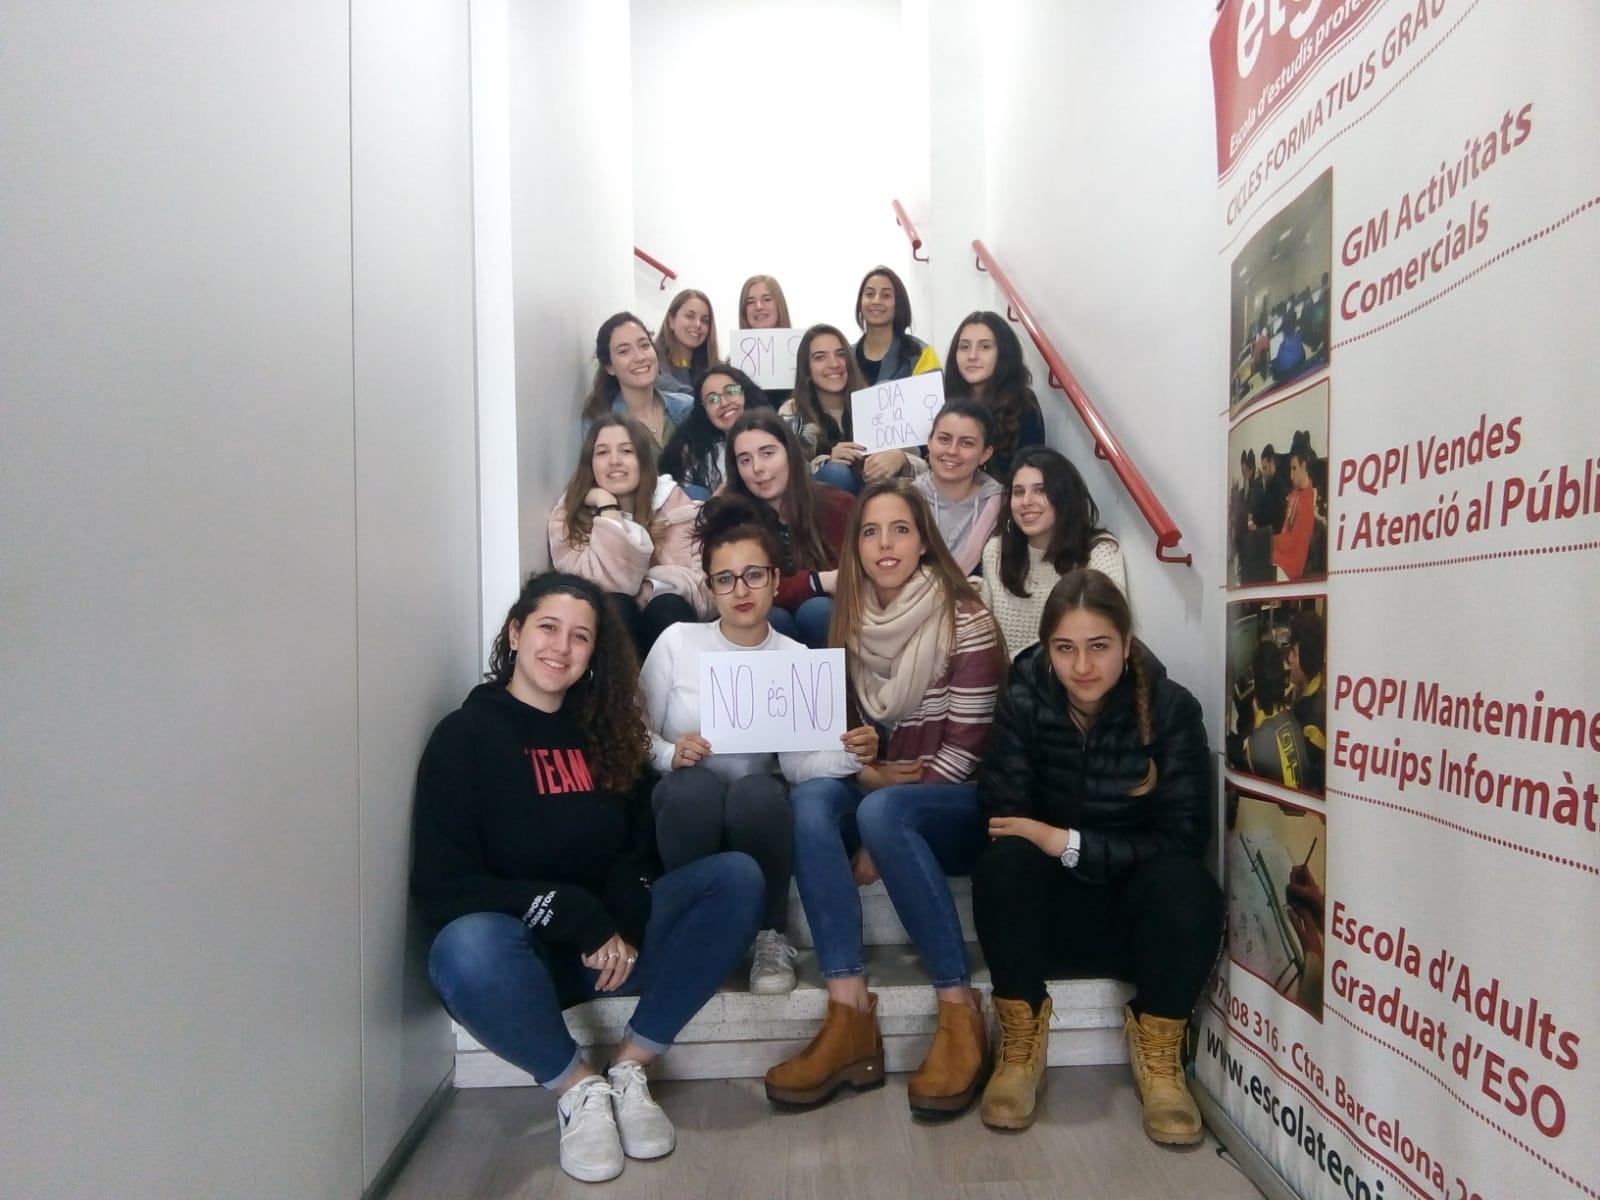 Escola Tècnica Girona s'uneix al Dia Internacional de la Dona!